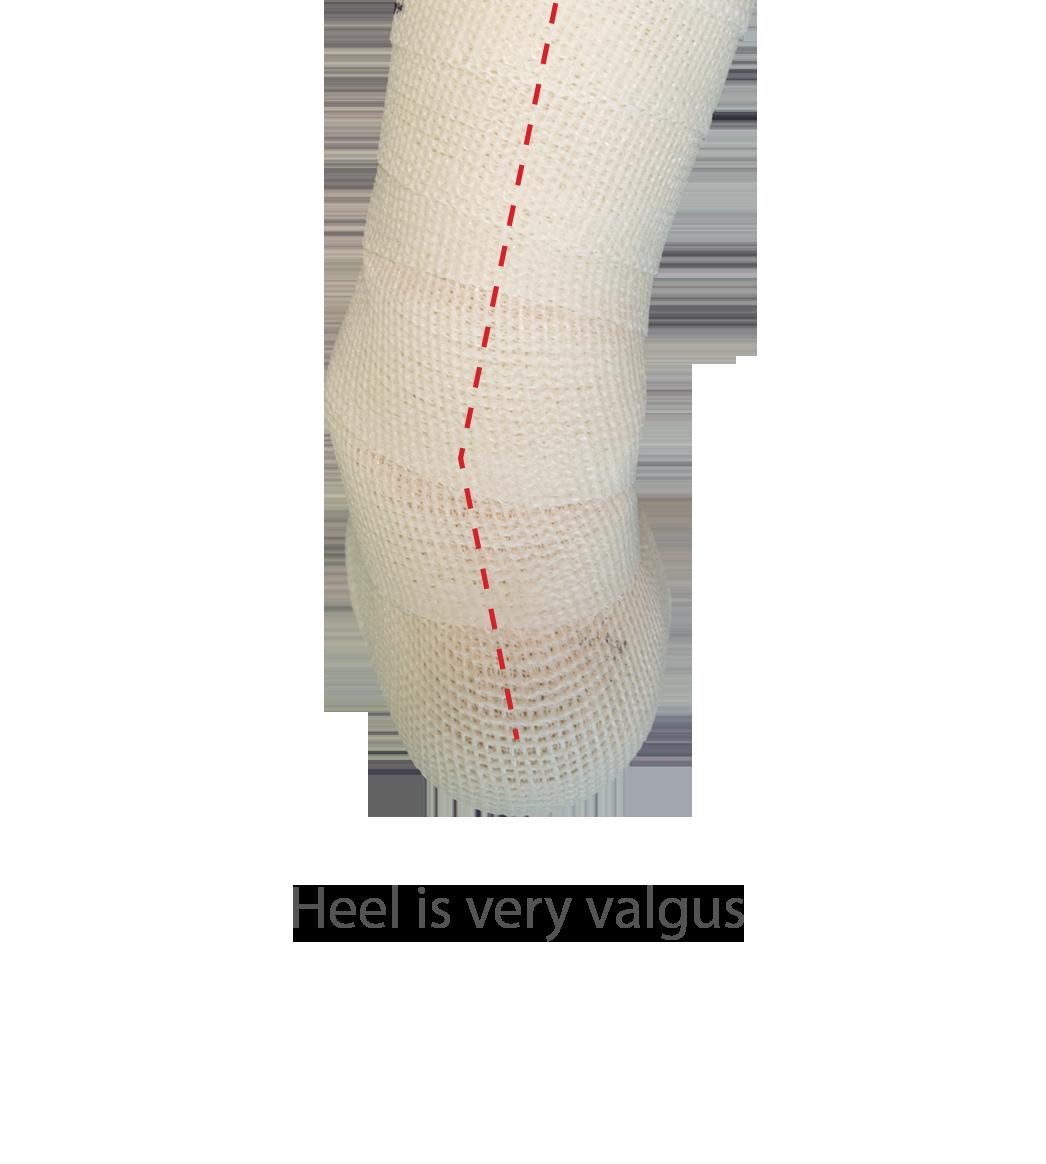 Heel is very valgus